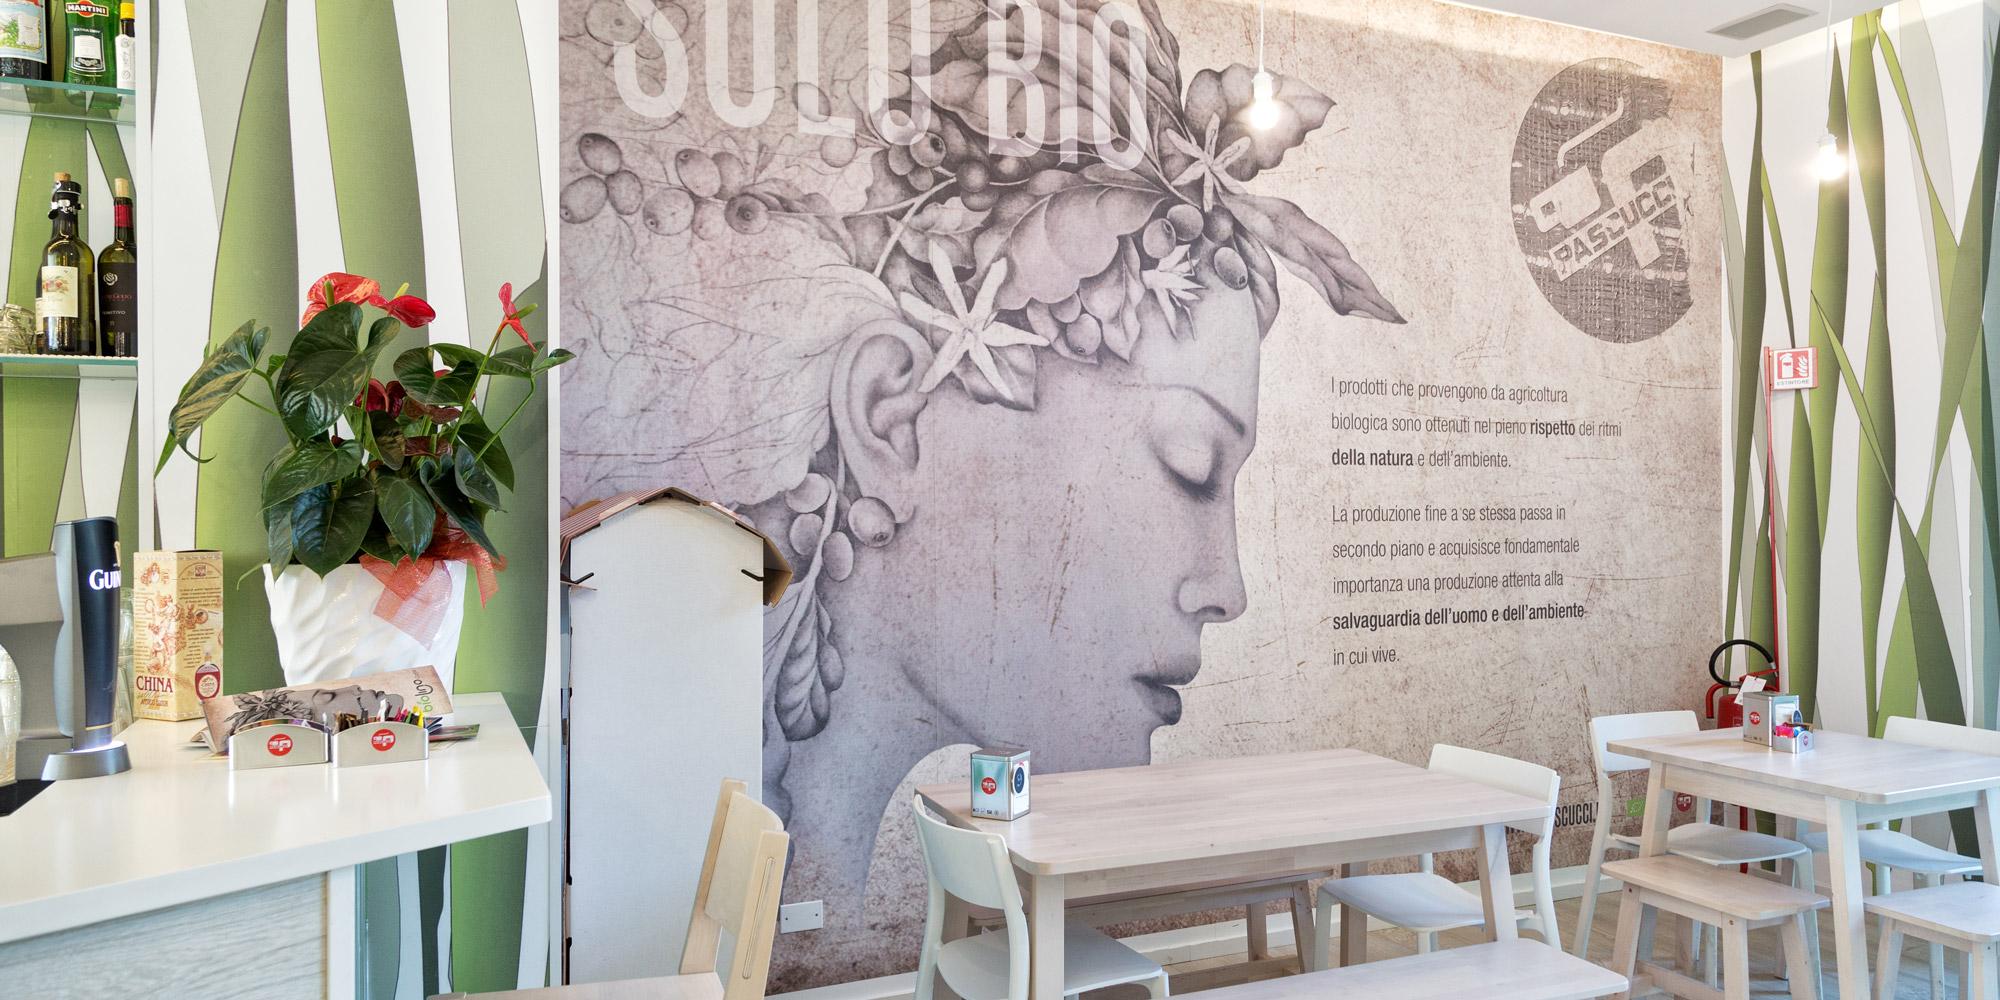 Bio Lino Caffè In Aulla   Interior Design   Branding   Marco Bonfigli  Architect